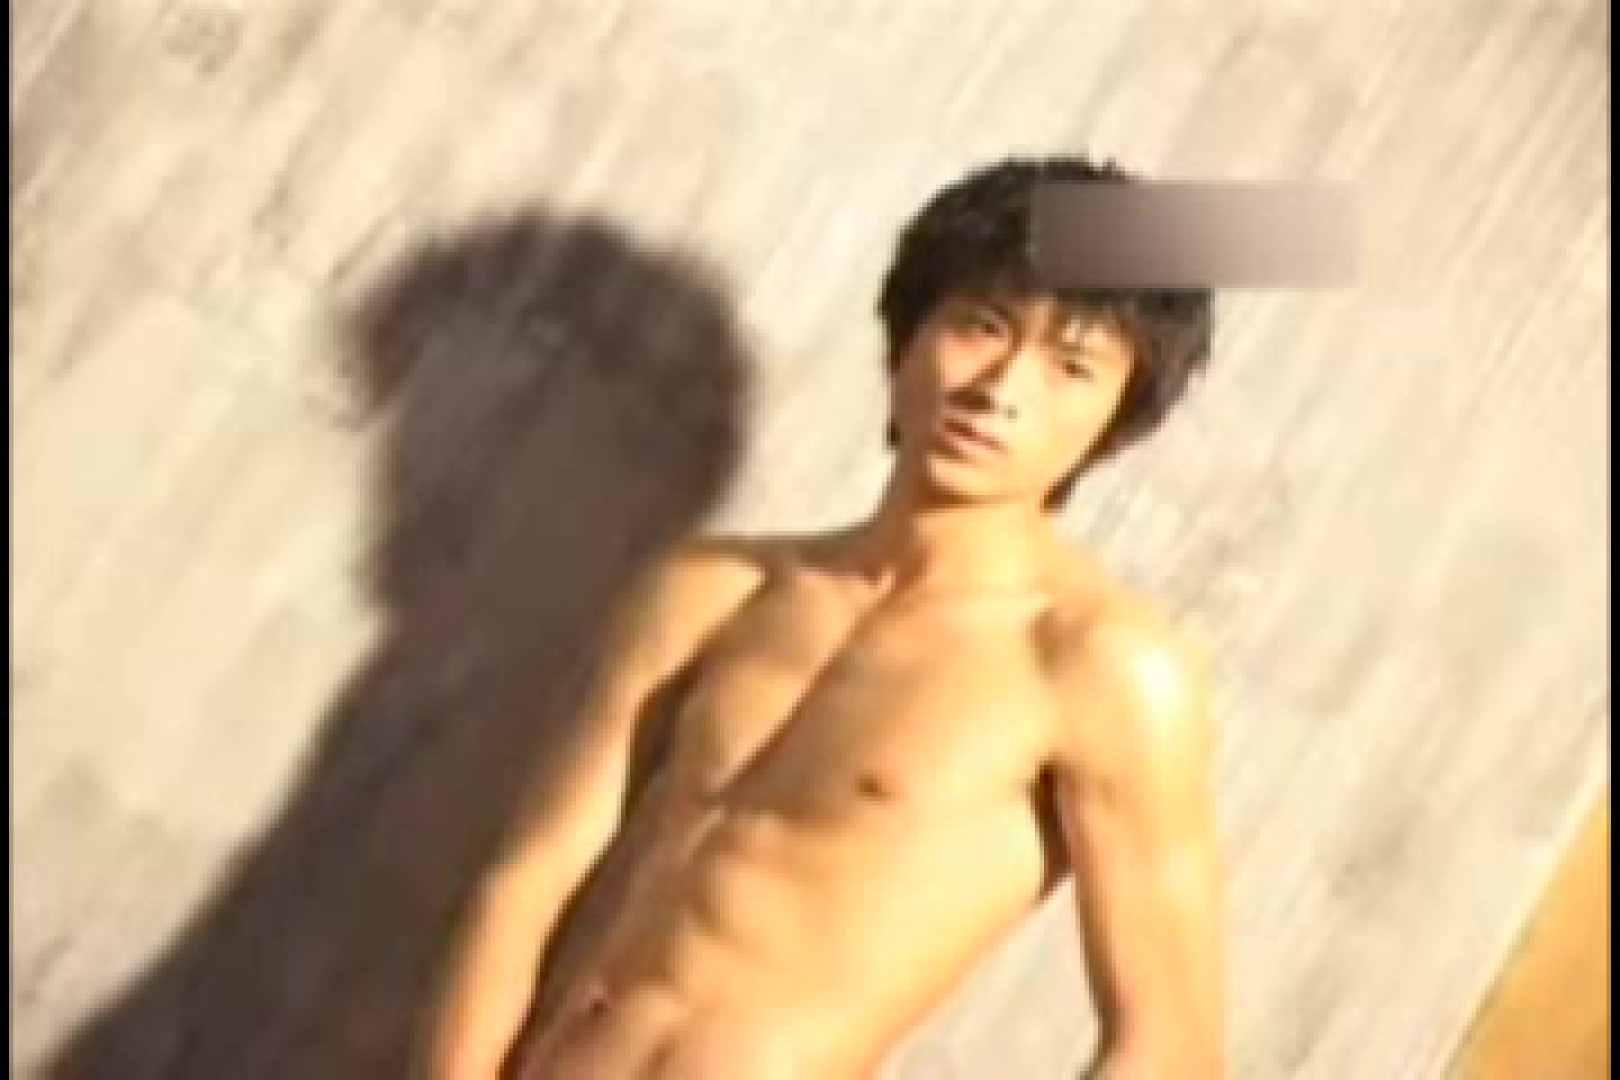 流出!!中出スーパーモデルya● jin hao モデル | ヌード アダルトビデオ画像キャプチャ 87枚 30